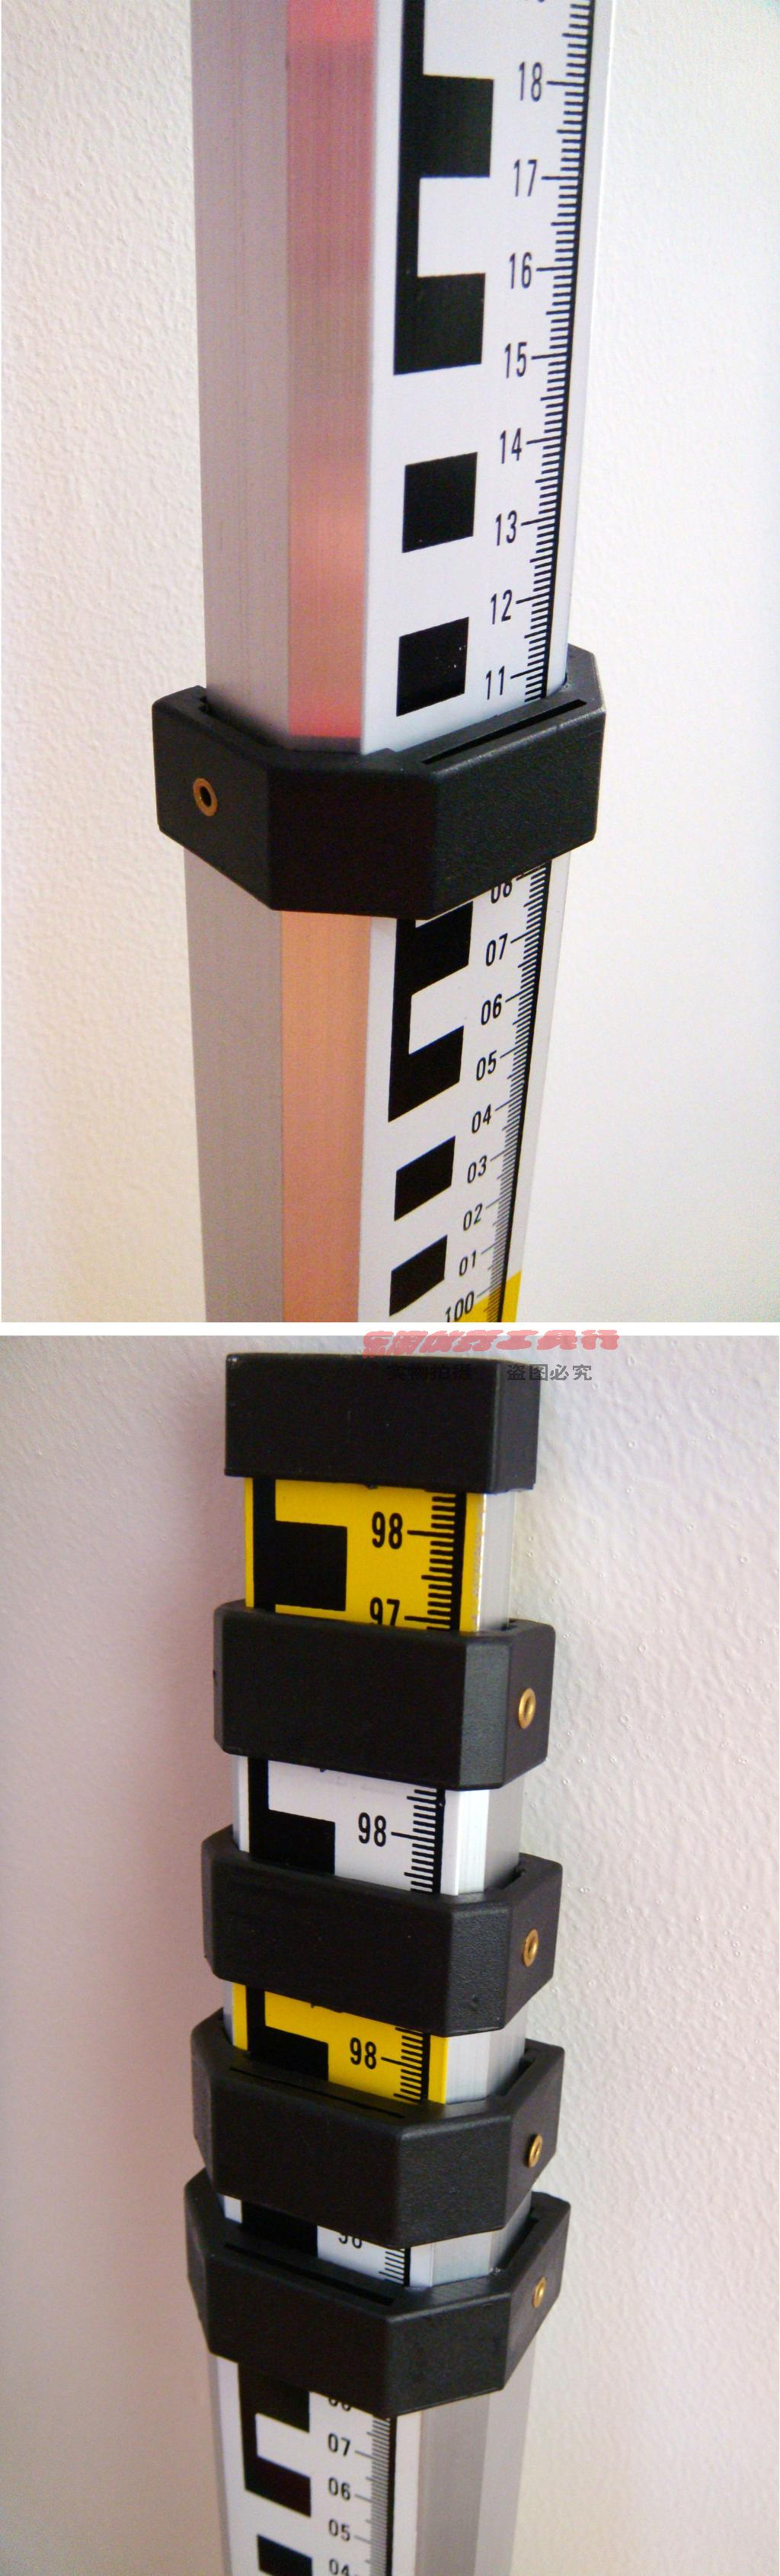 คู่หน้า 5 เมตรหอเท้าอลูมิเนียม / อลูมิเนียม 5 เมตรมาตรวัดระดับการใช้ไม้บรรทัด / กล้องวัดมุม / สองหอเท้าข้างไม้บรรทัด